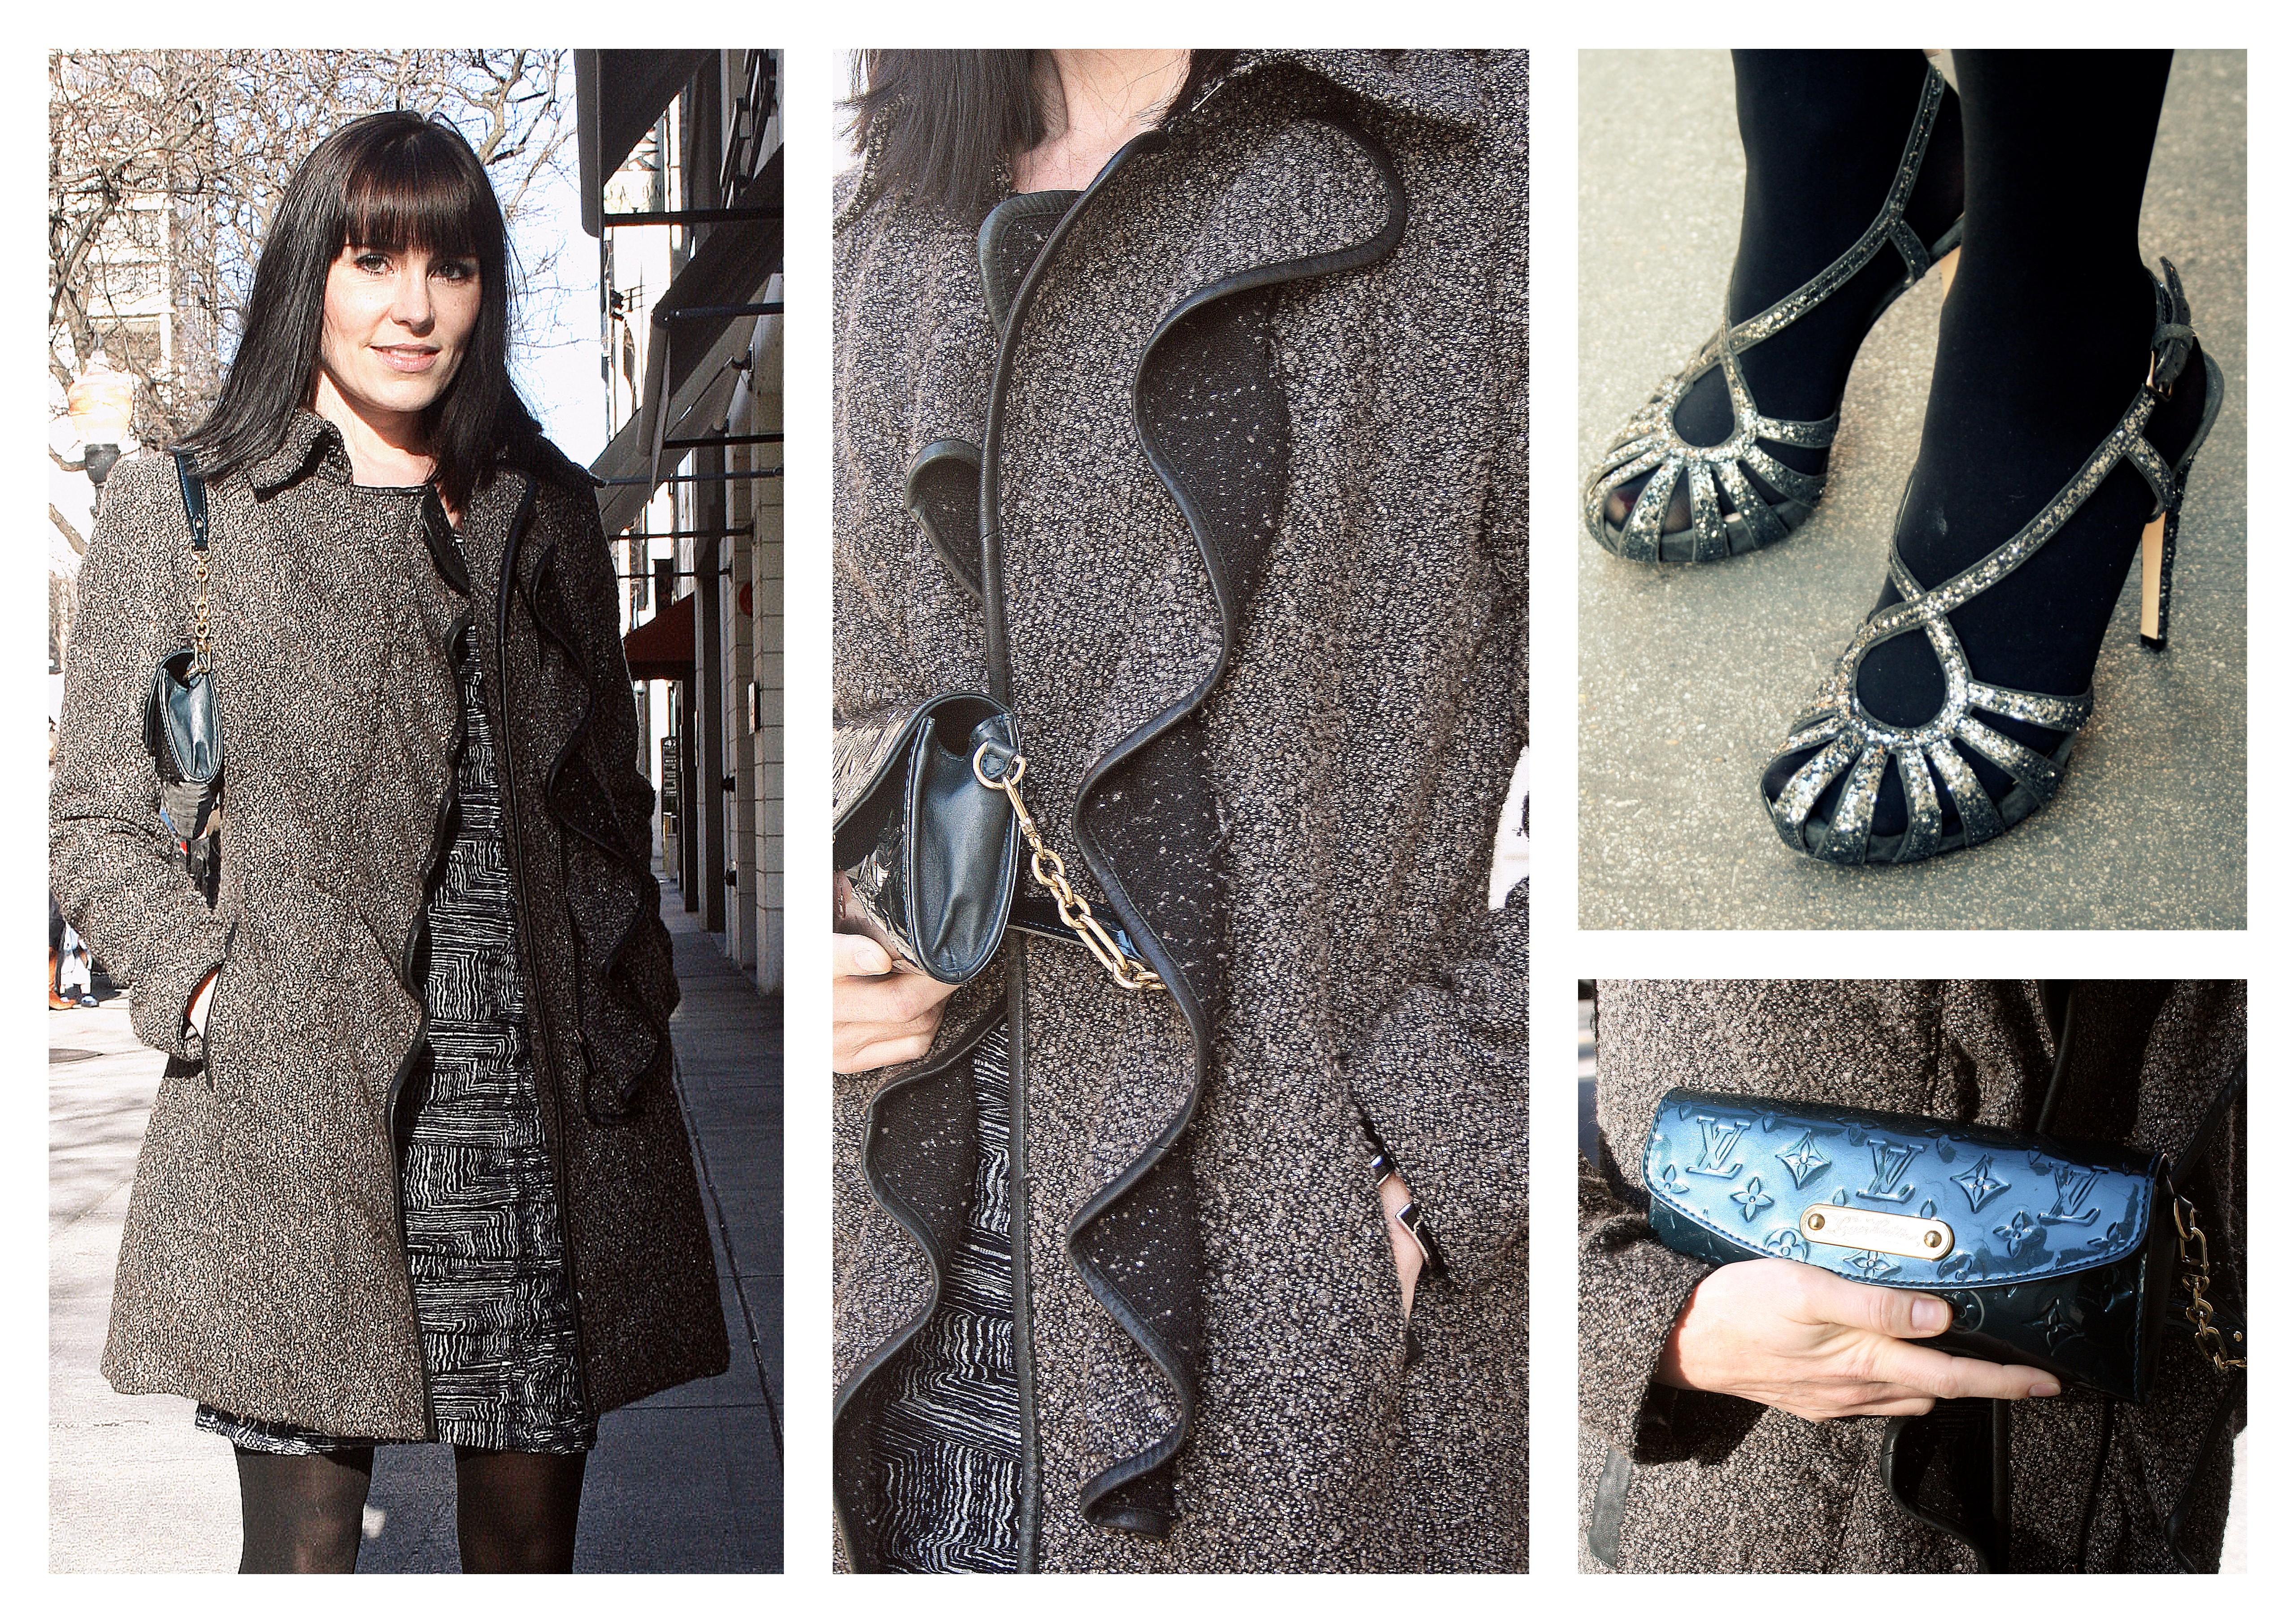 Erin in a Badgley Mischka Coat, Miu Miu sparkley shoes & a Louis Vuitton patent clutch